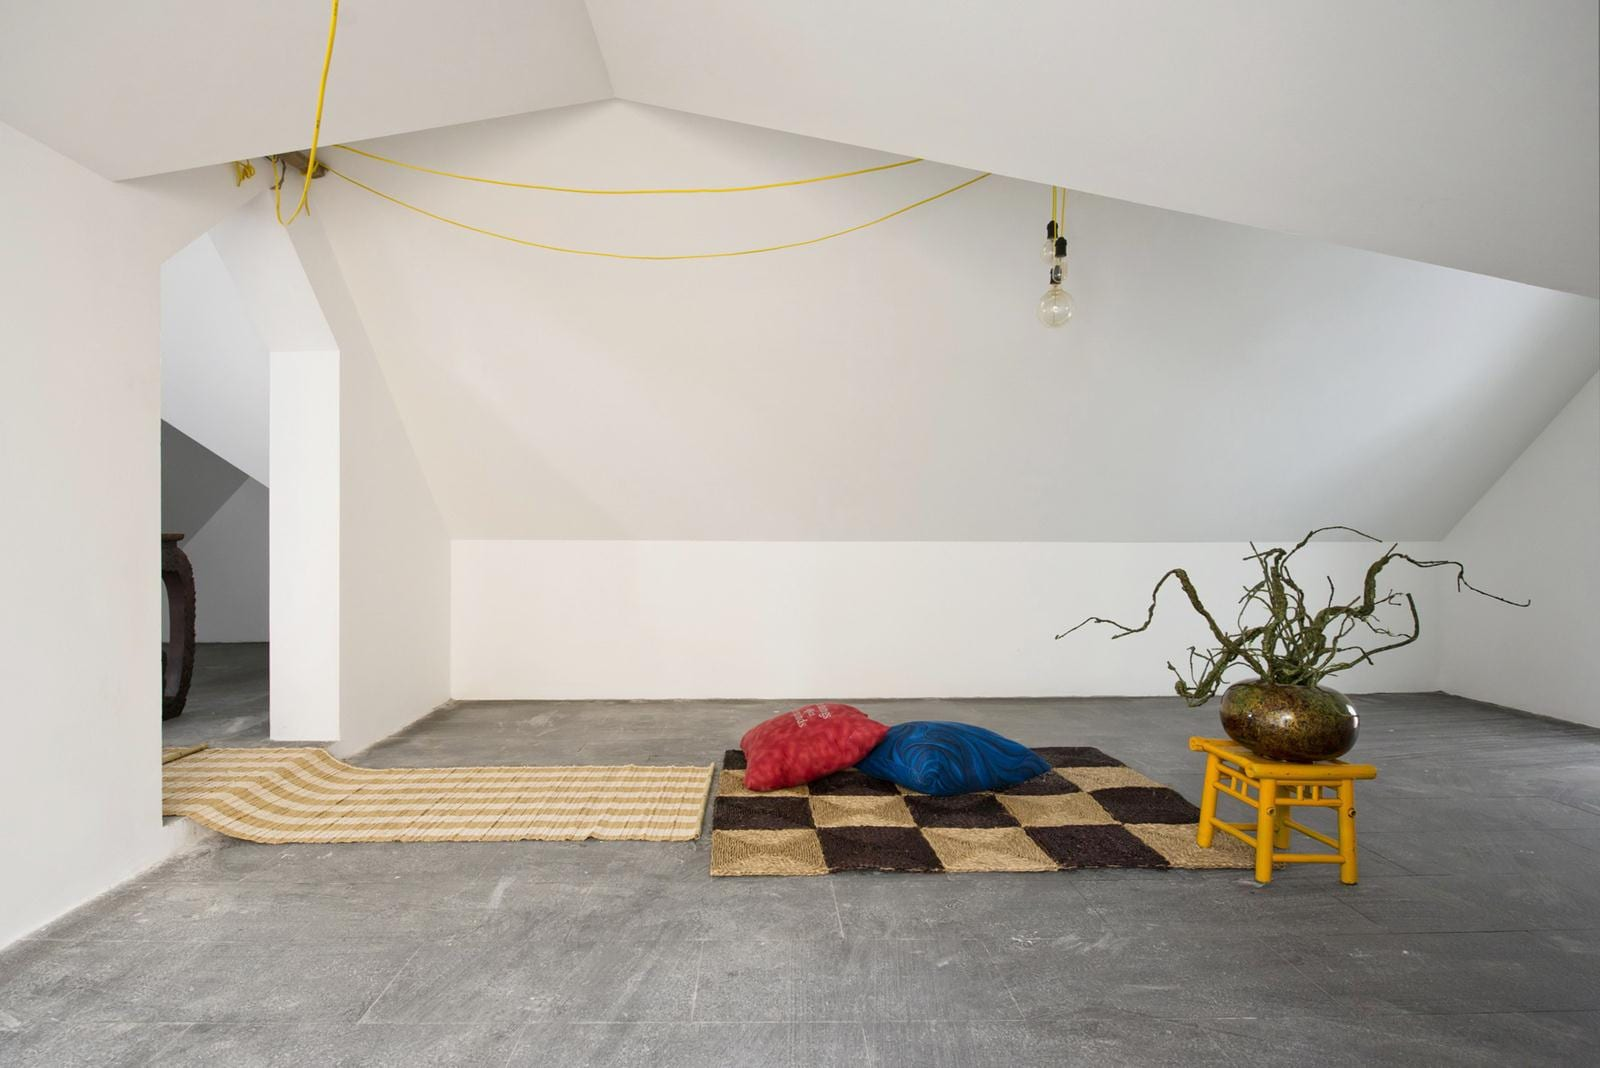 modernes Einrichtung mit Teppichen in beige und braun und mit kleinem Holzstühl gelb als Stehtisch